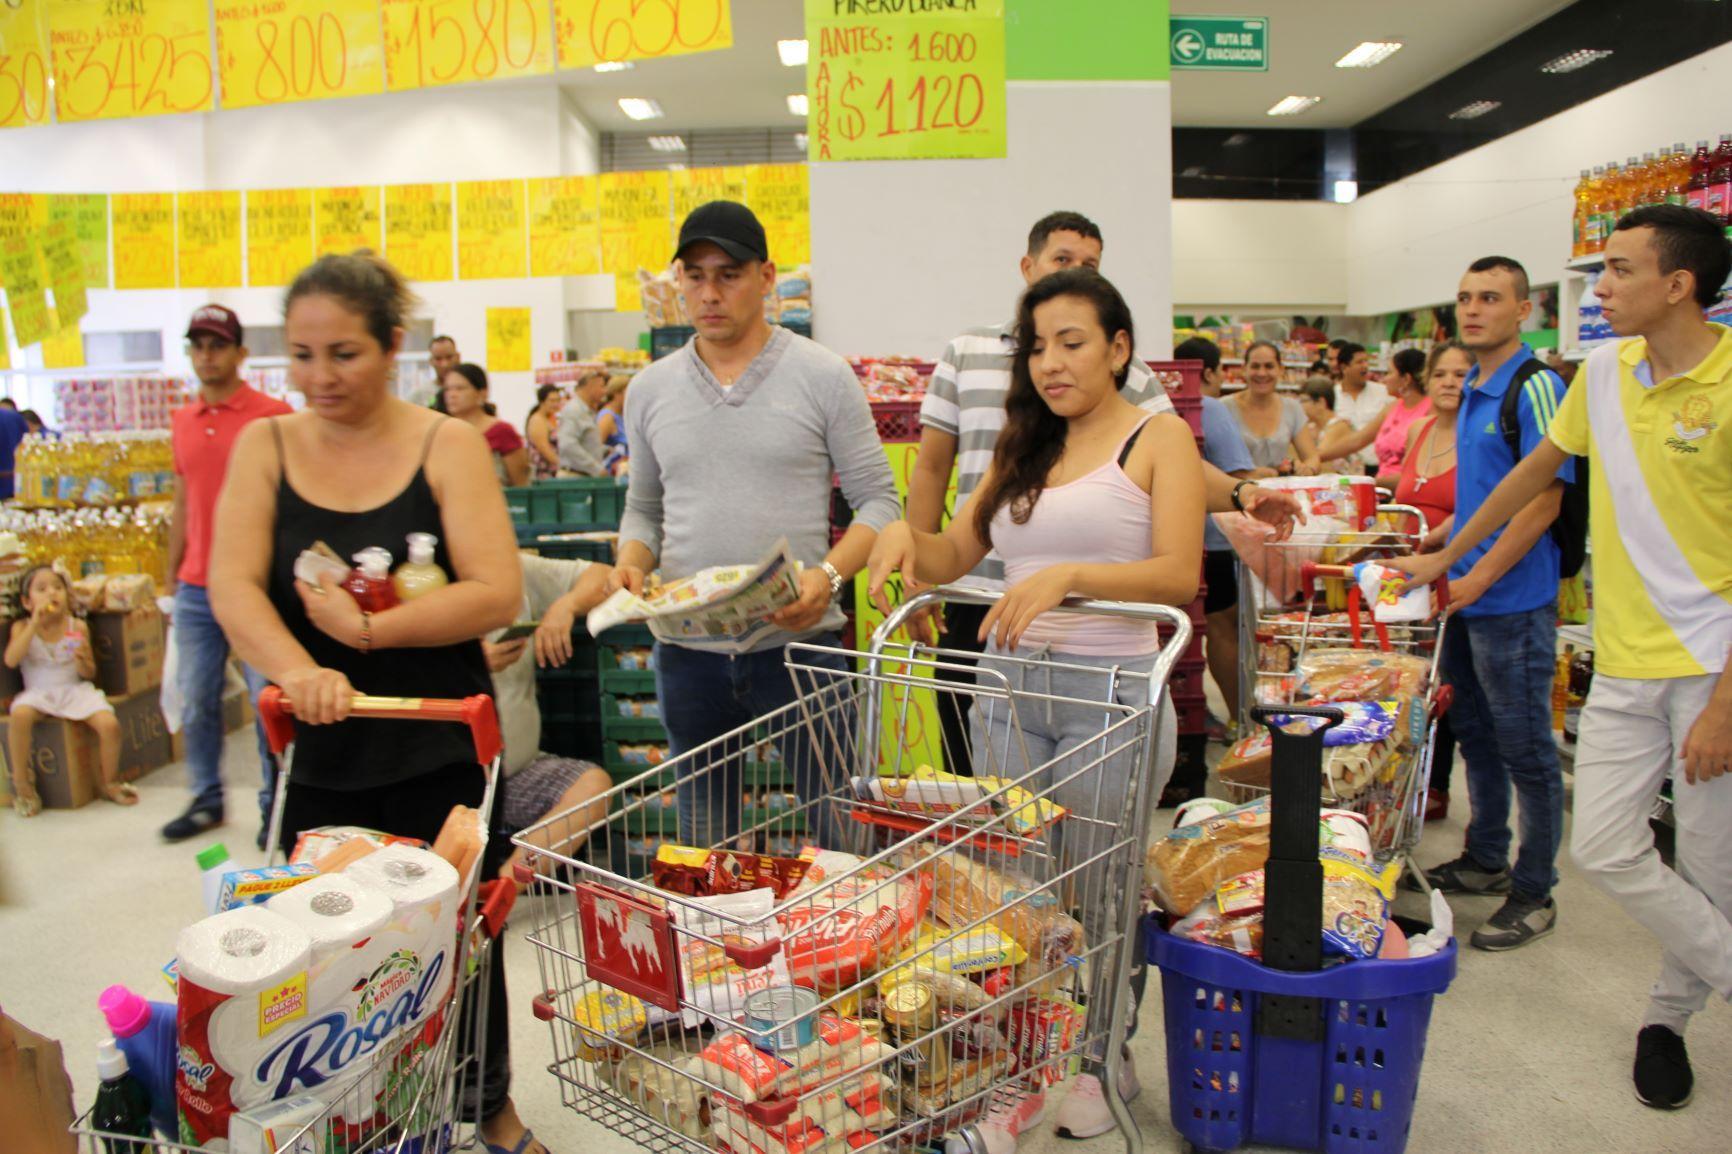 Neiva, la ciudad donde los hogares incrementaron más el consumo